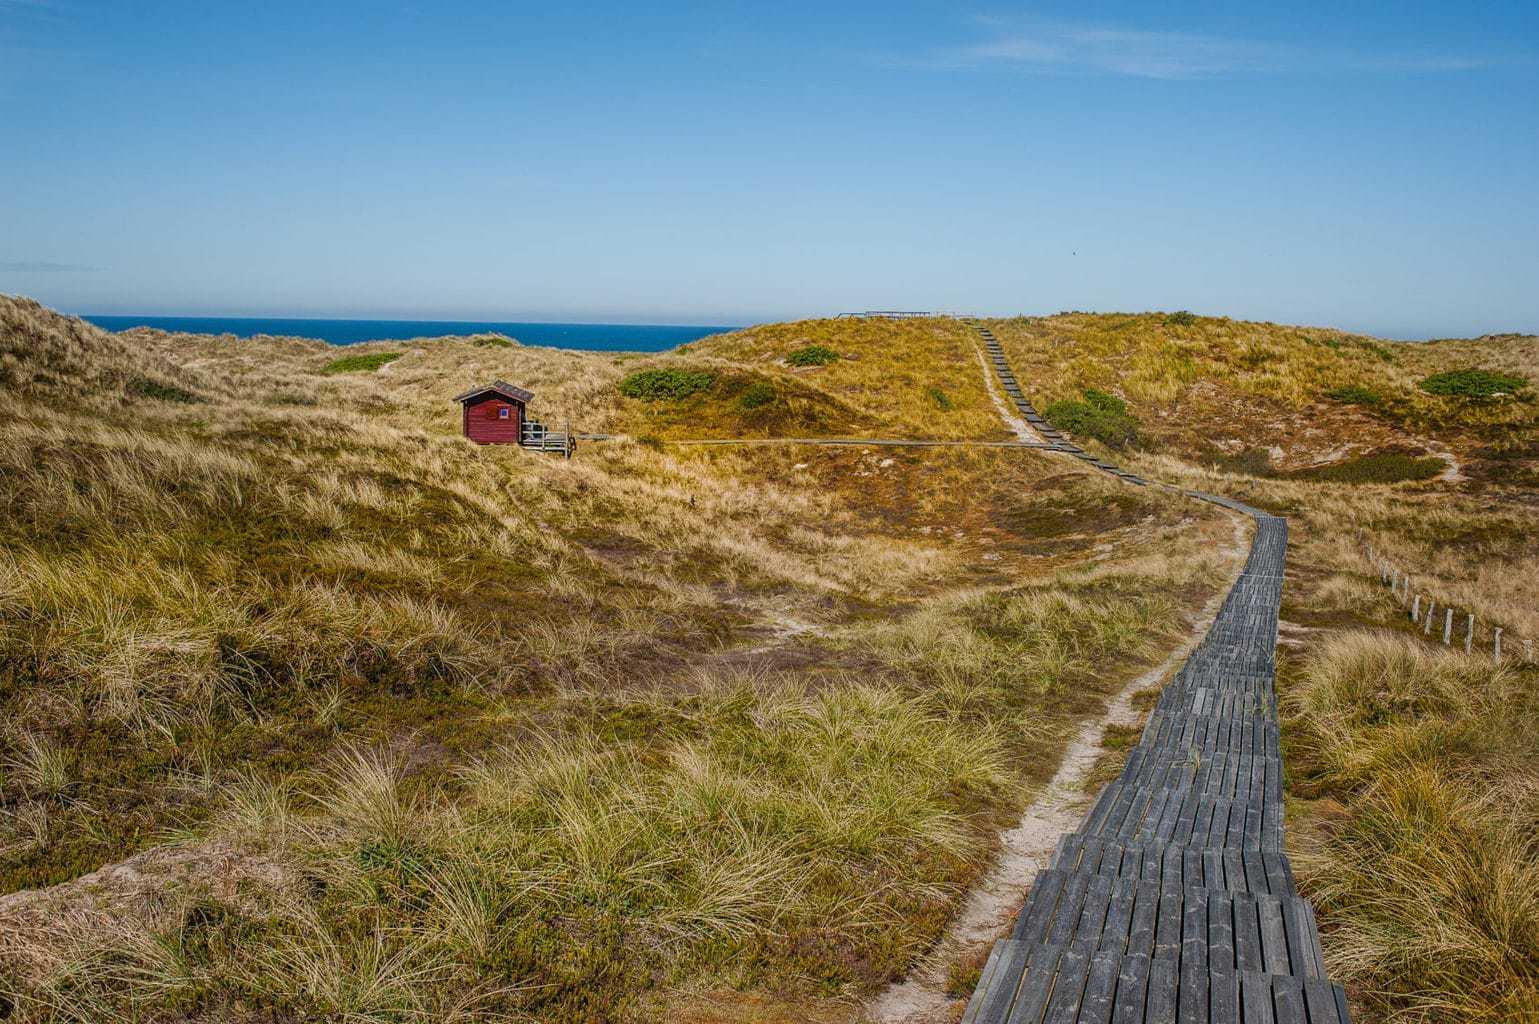 Duinen met een hut op het eiland Sylt in Duitsland